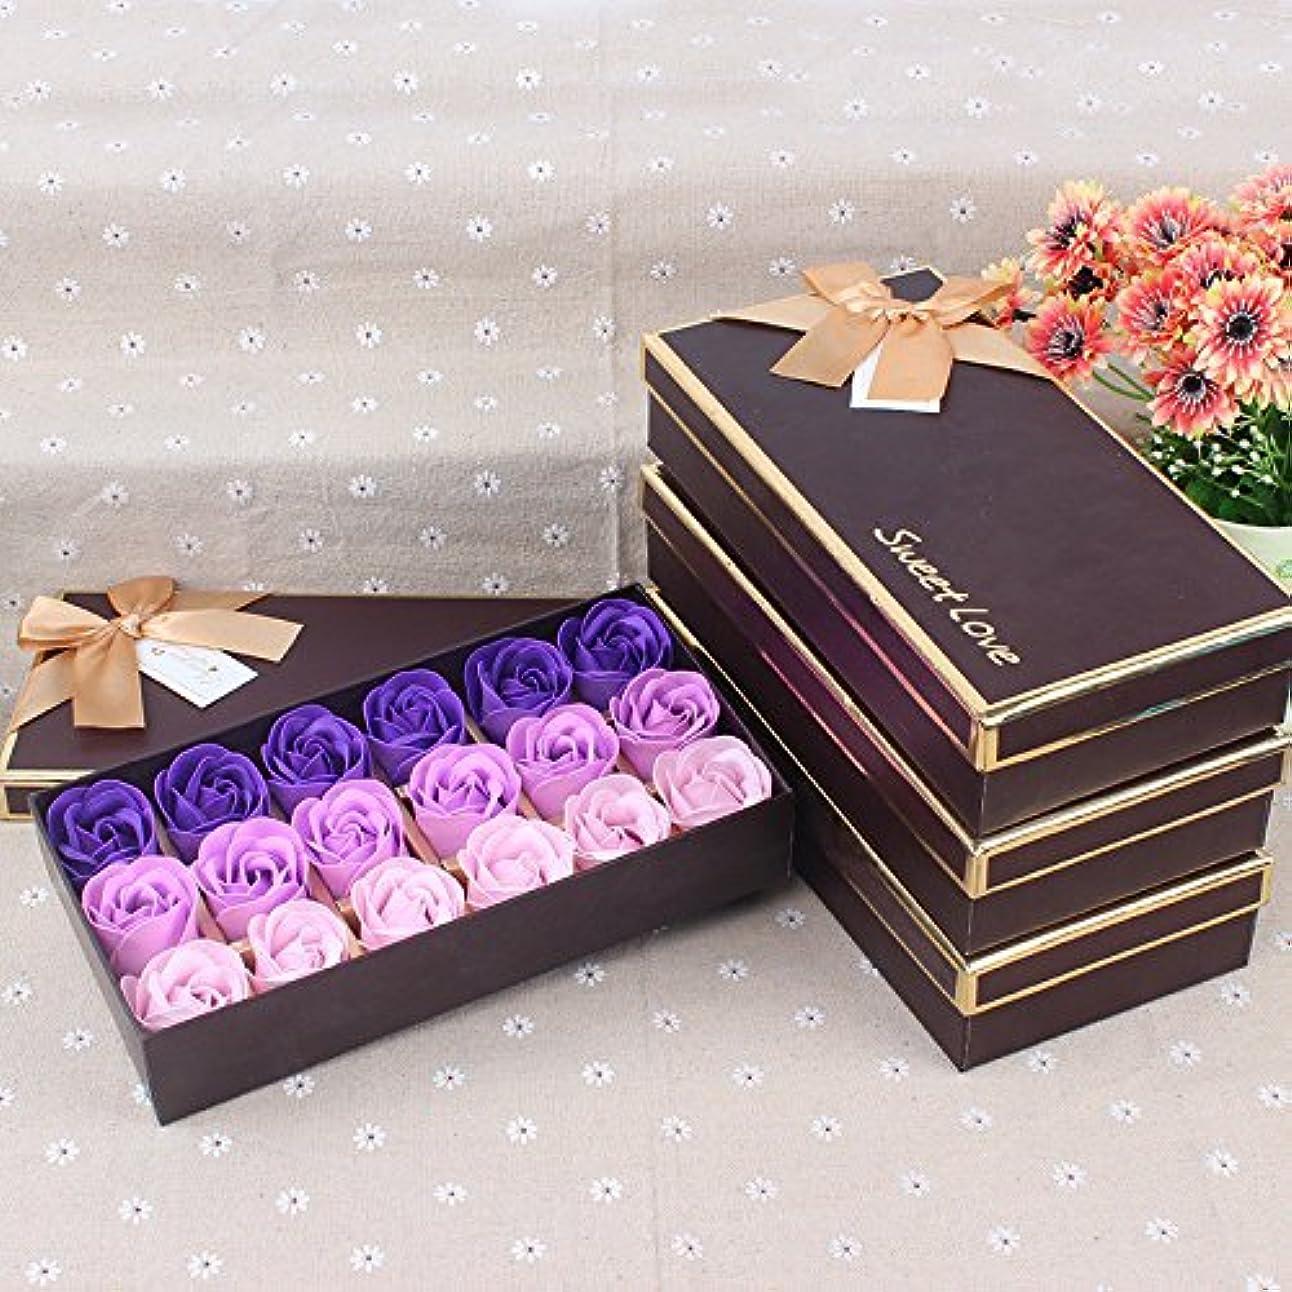 コンサルタントディスク朝の体操をするWeryn(TM)結婚式のためのギフトボックスバレンタインデーの愛の贈り物で18バラセット香りの入浴ソープローズソープ花びら[Purplegradient]